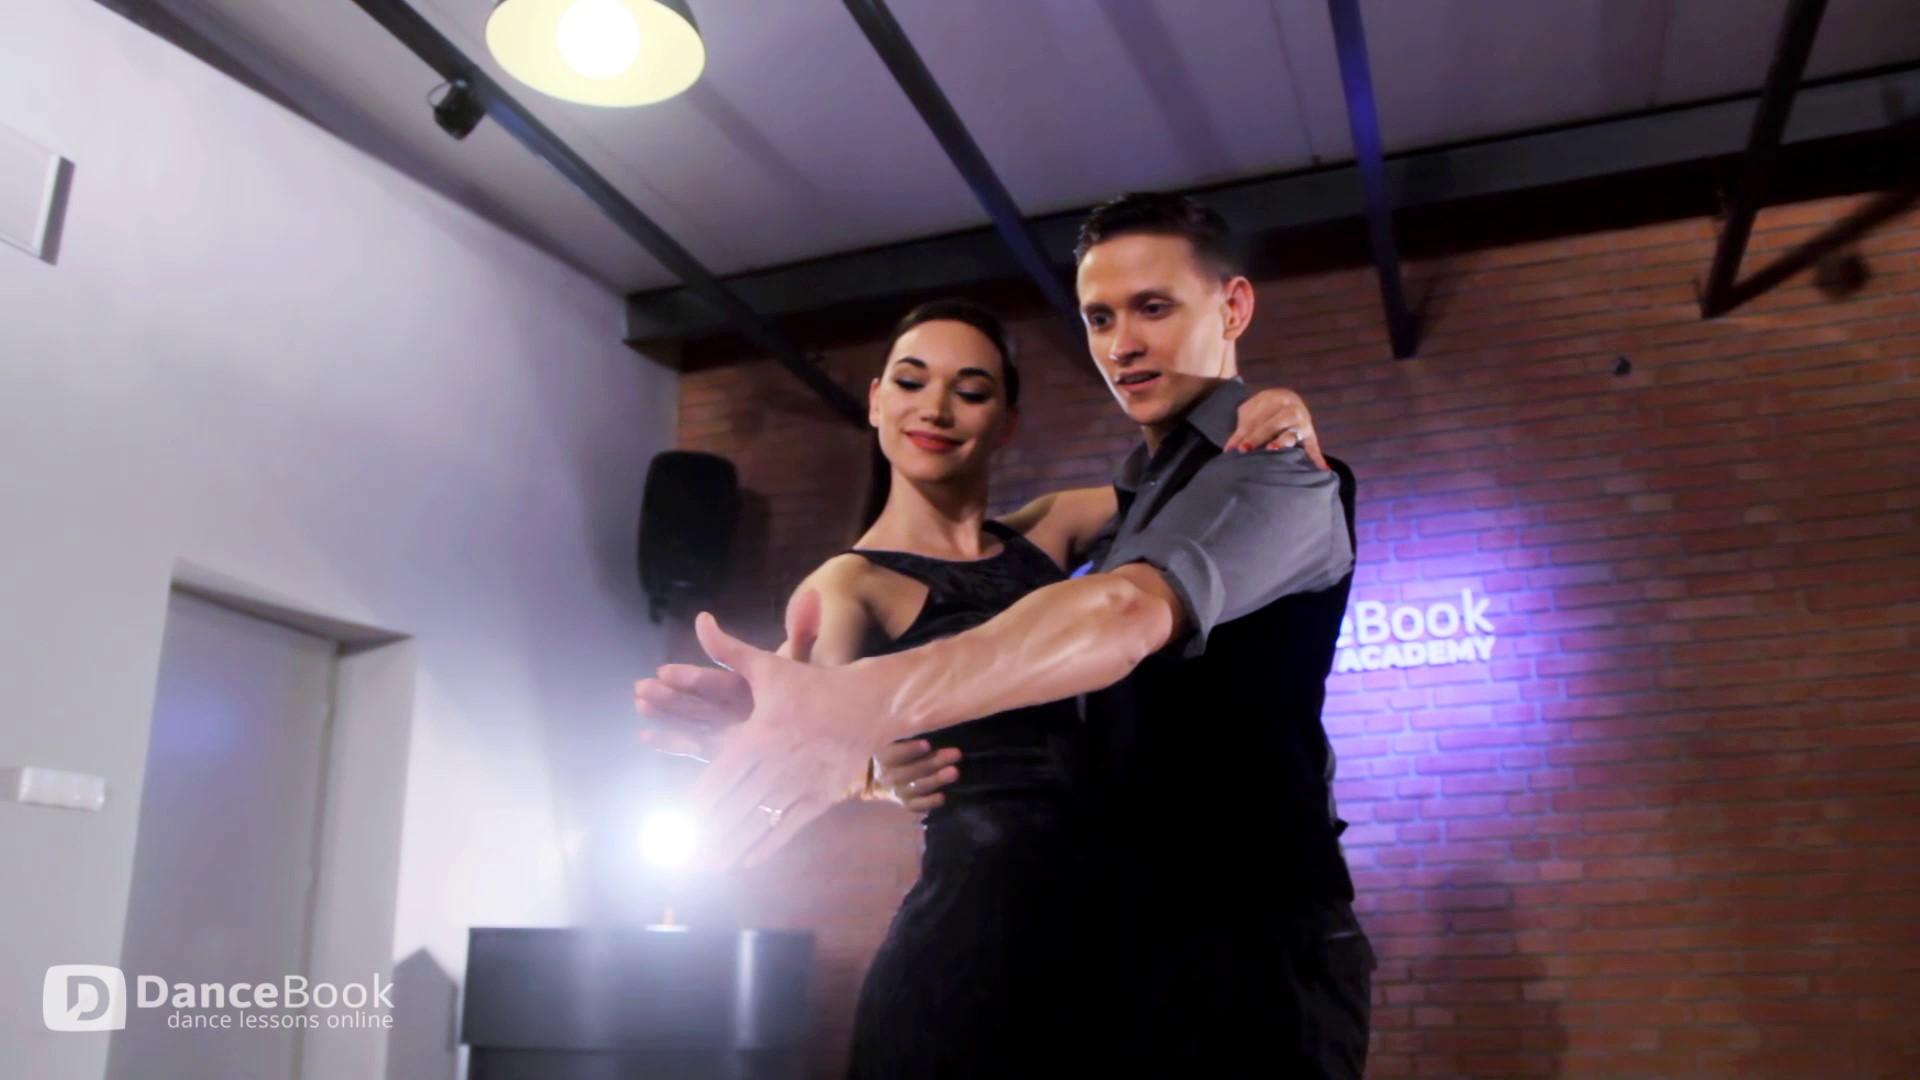 Pierwszy Taniec: Hurriganes - I Will Stay